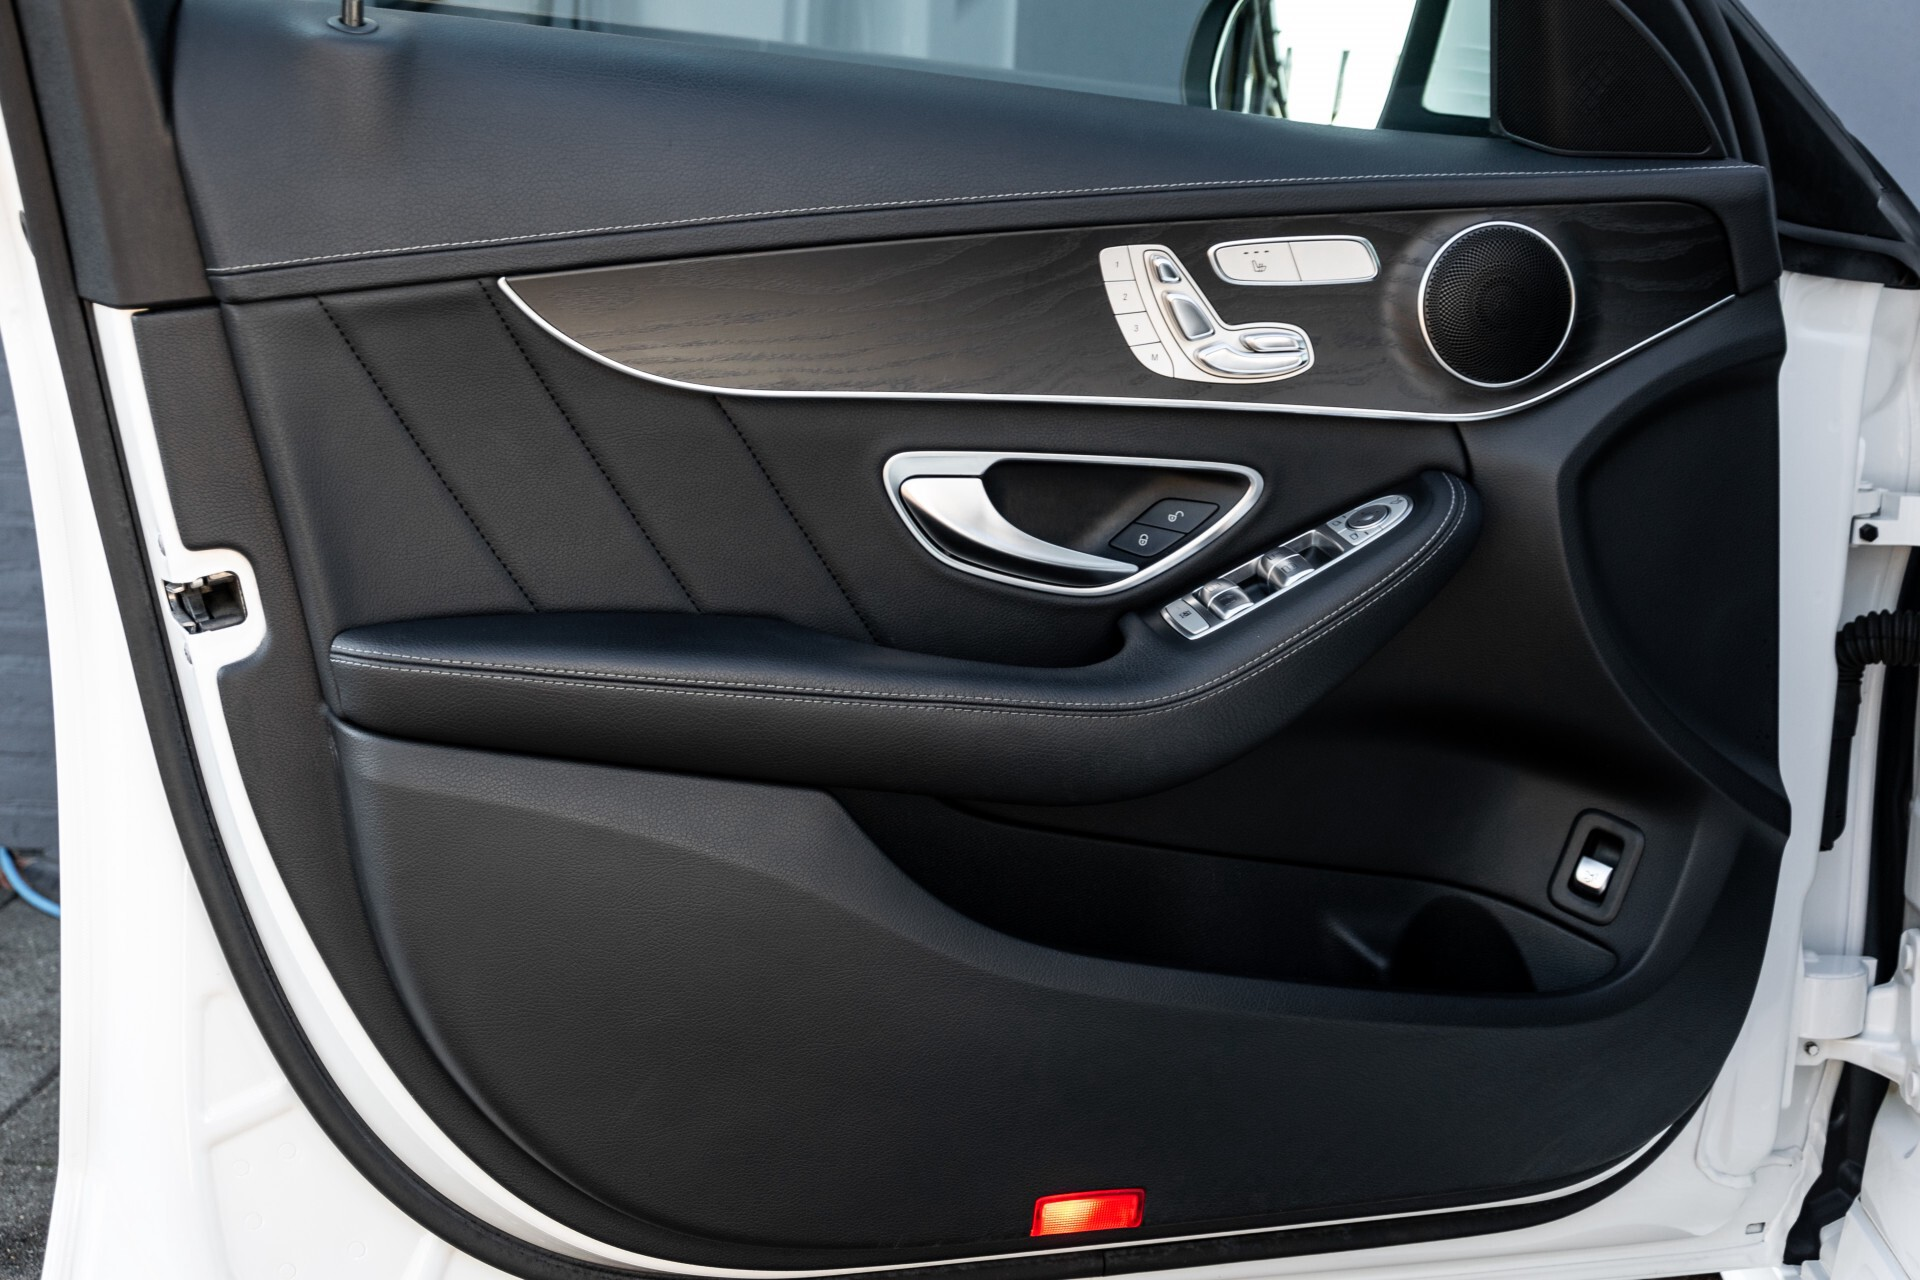 Mercedes-Benz C-Klasse Estate 220 Bluetec AMG Panorama/HUD/Memory Aut7 Foto 20